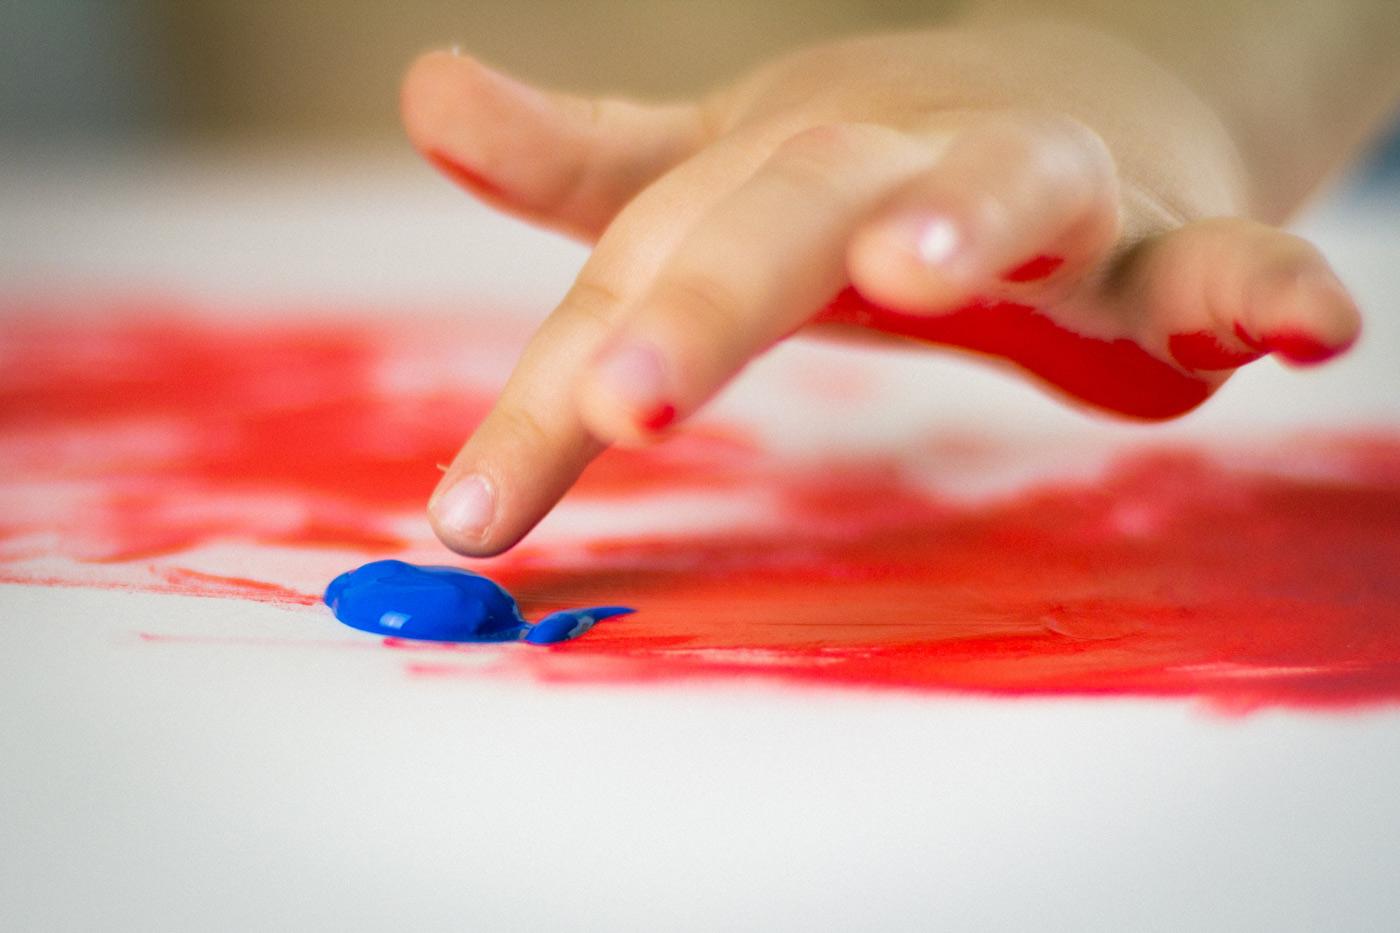 primer plano de una mano de niño pintando con colores rojo y azul